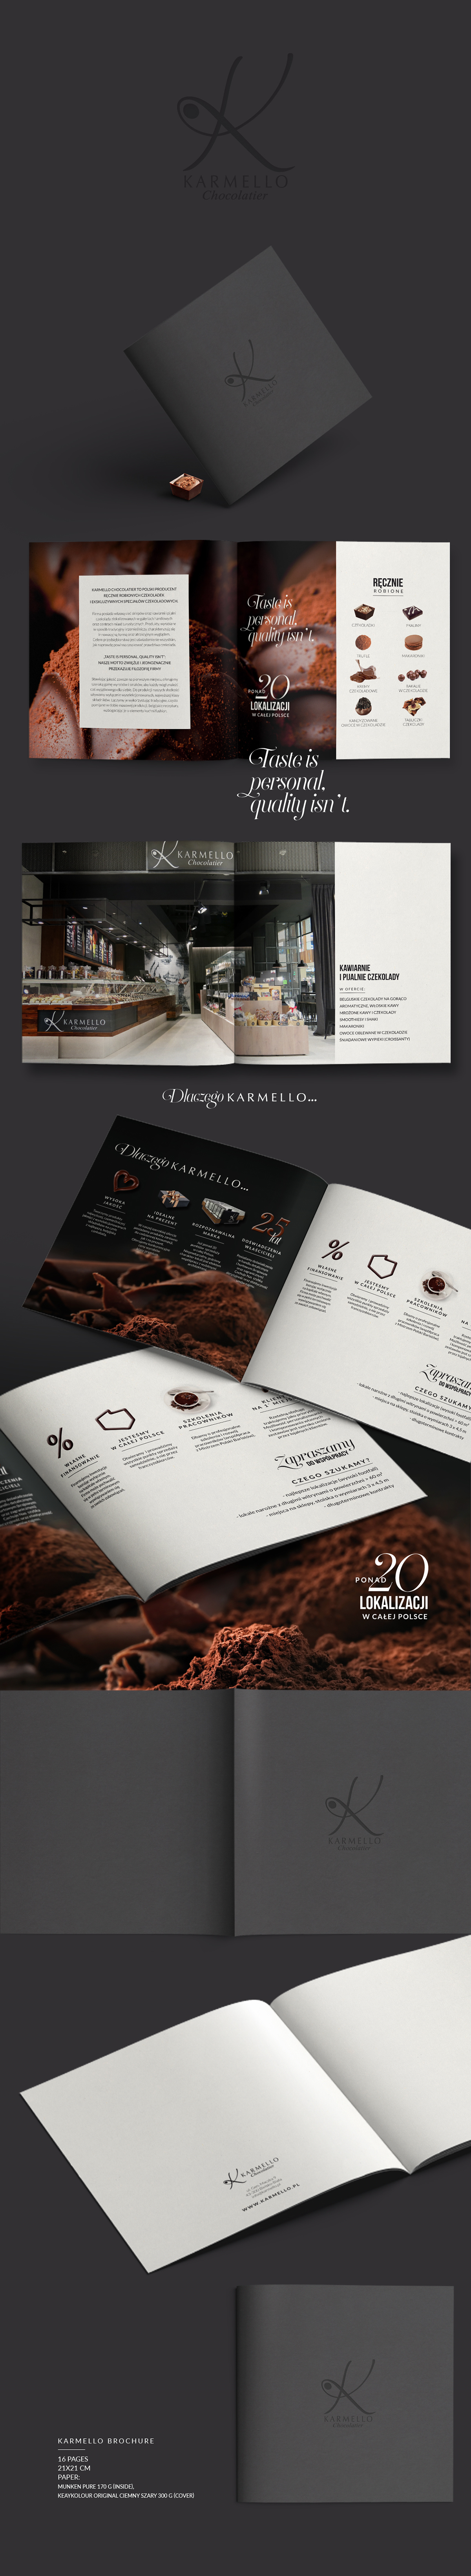 czekolada chocolate brochure sweet Catalogue Słodkie polska praliny